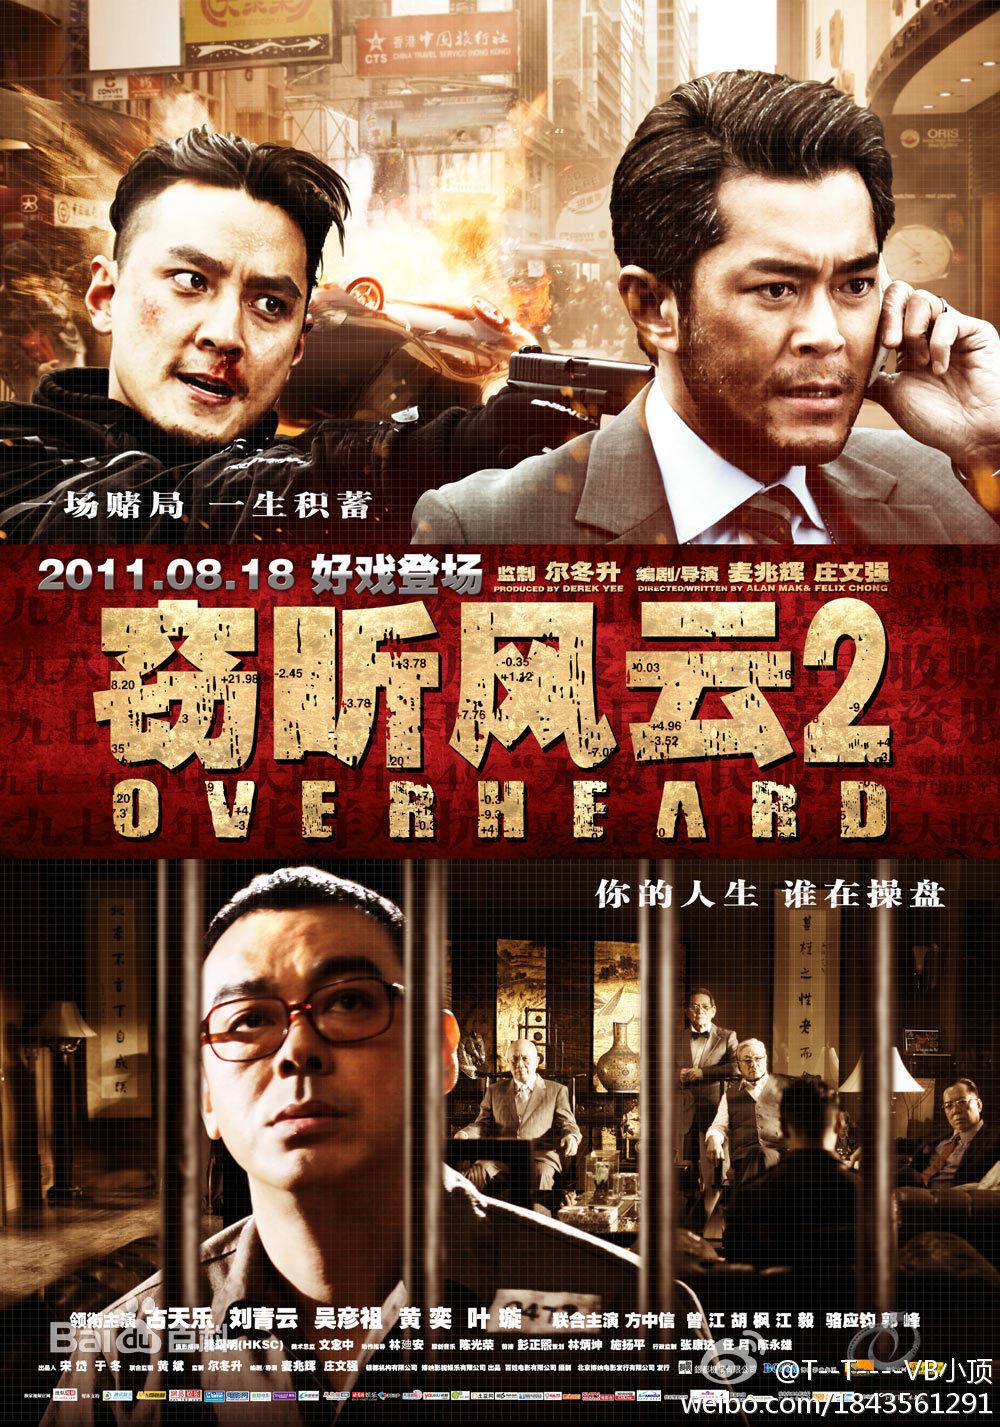 窃听风云1电影影评_《窃听风云2》是博纳影业,银都机构联合出品的香港警匪电影,由麦兆辉